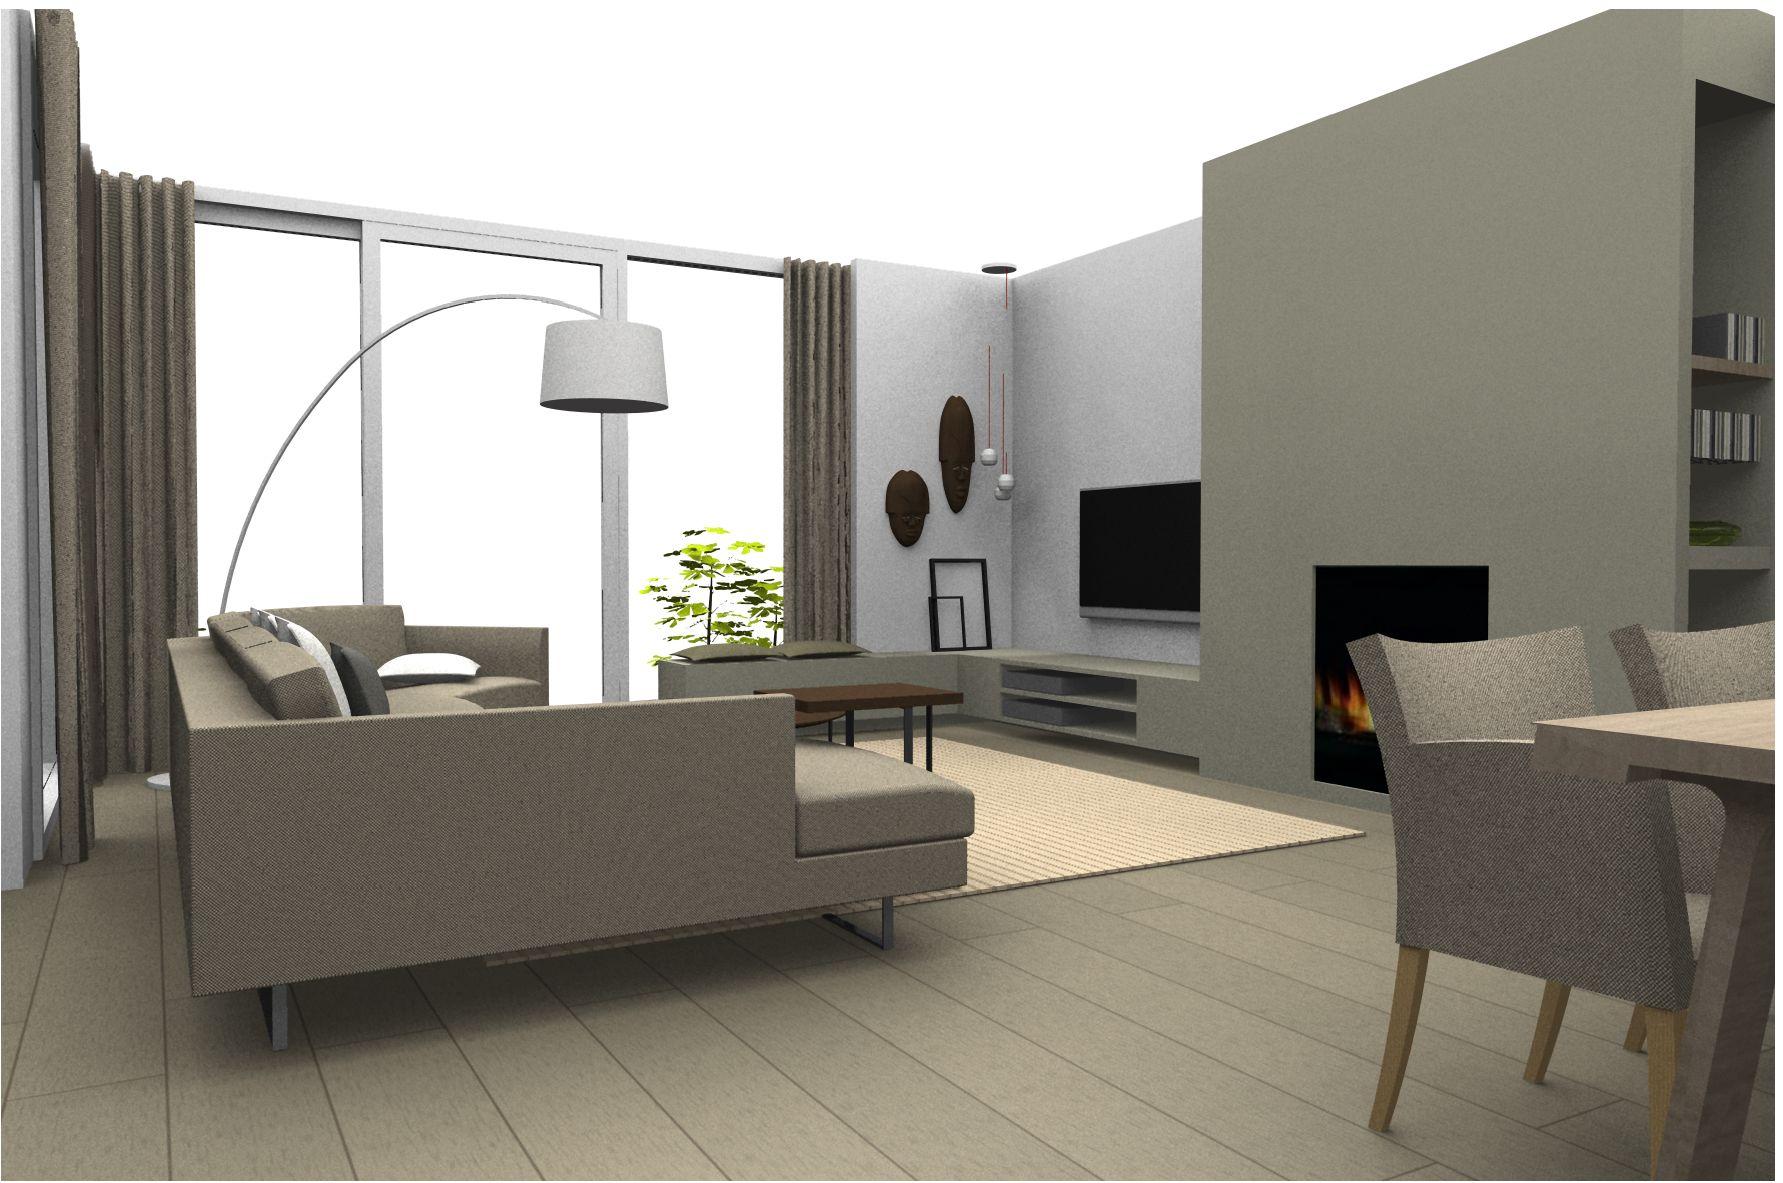 wandmeubel voor open haard en tv   Google zoeken   meubels   Pinterest   Haard, Tv en Zoeken